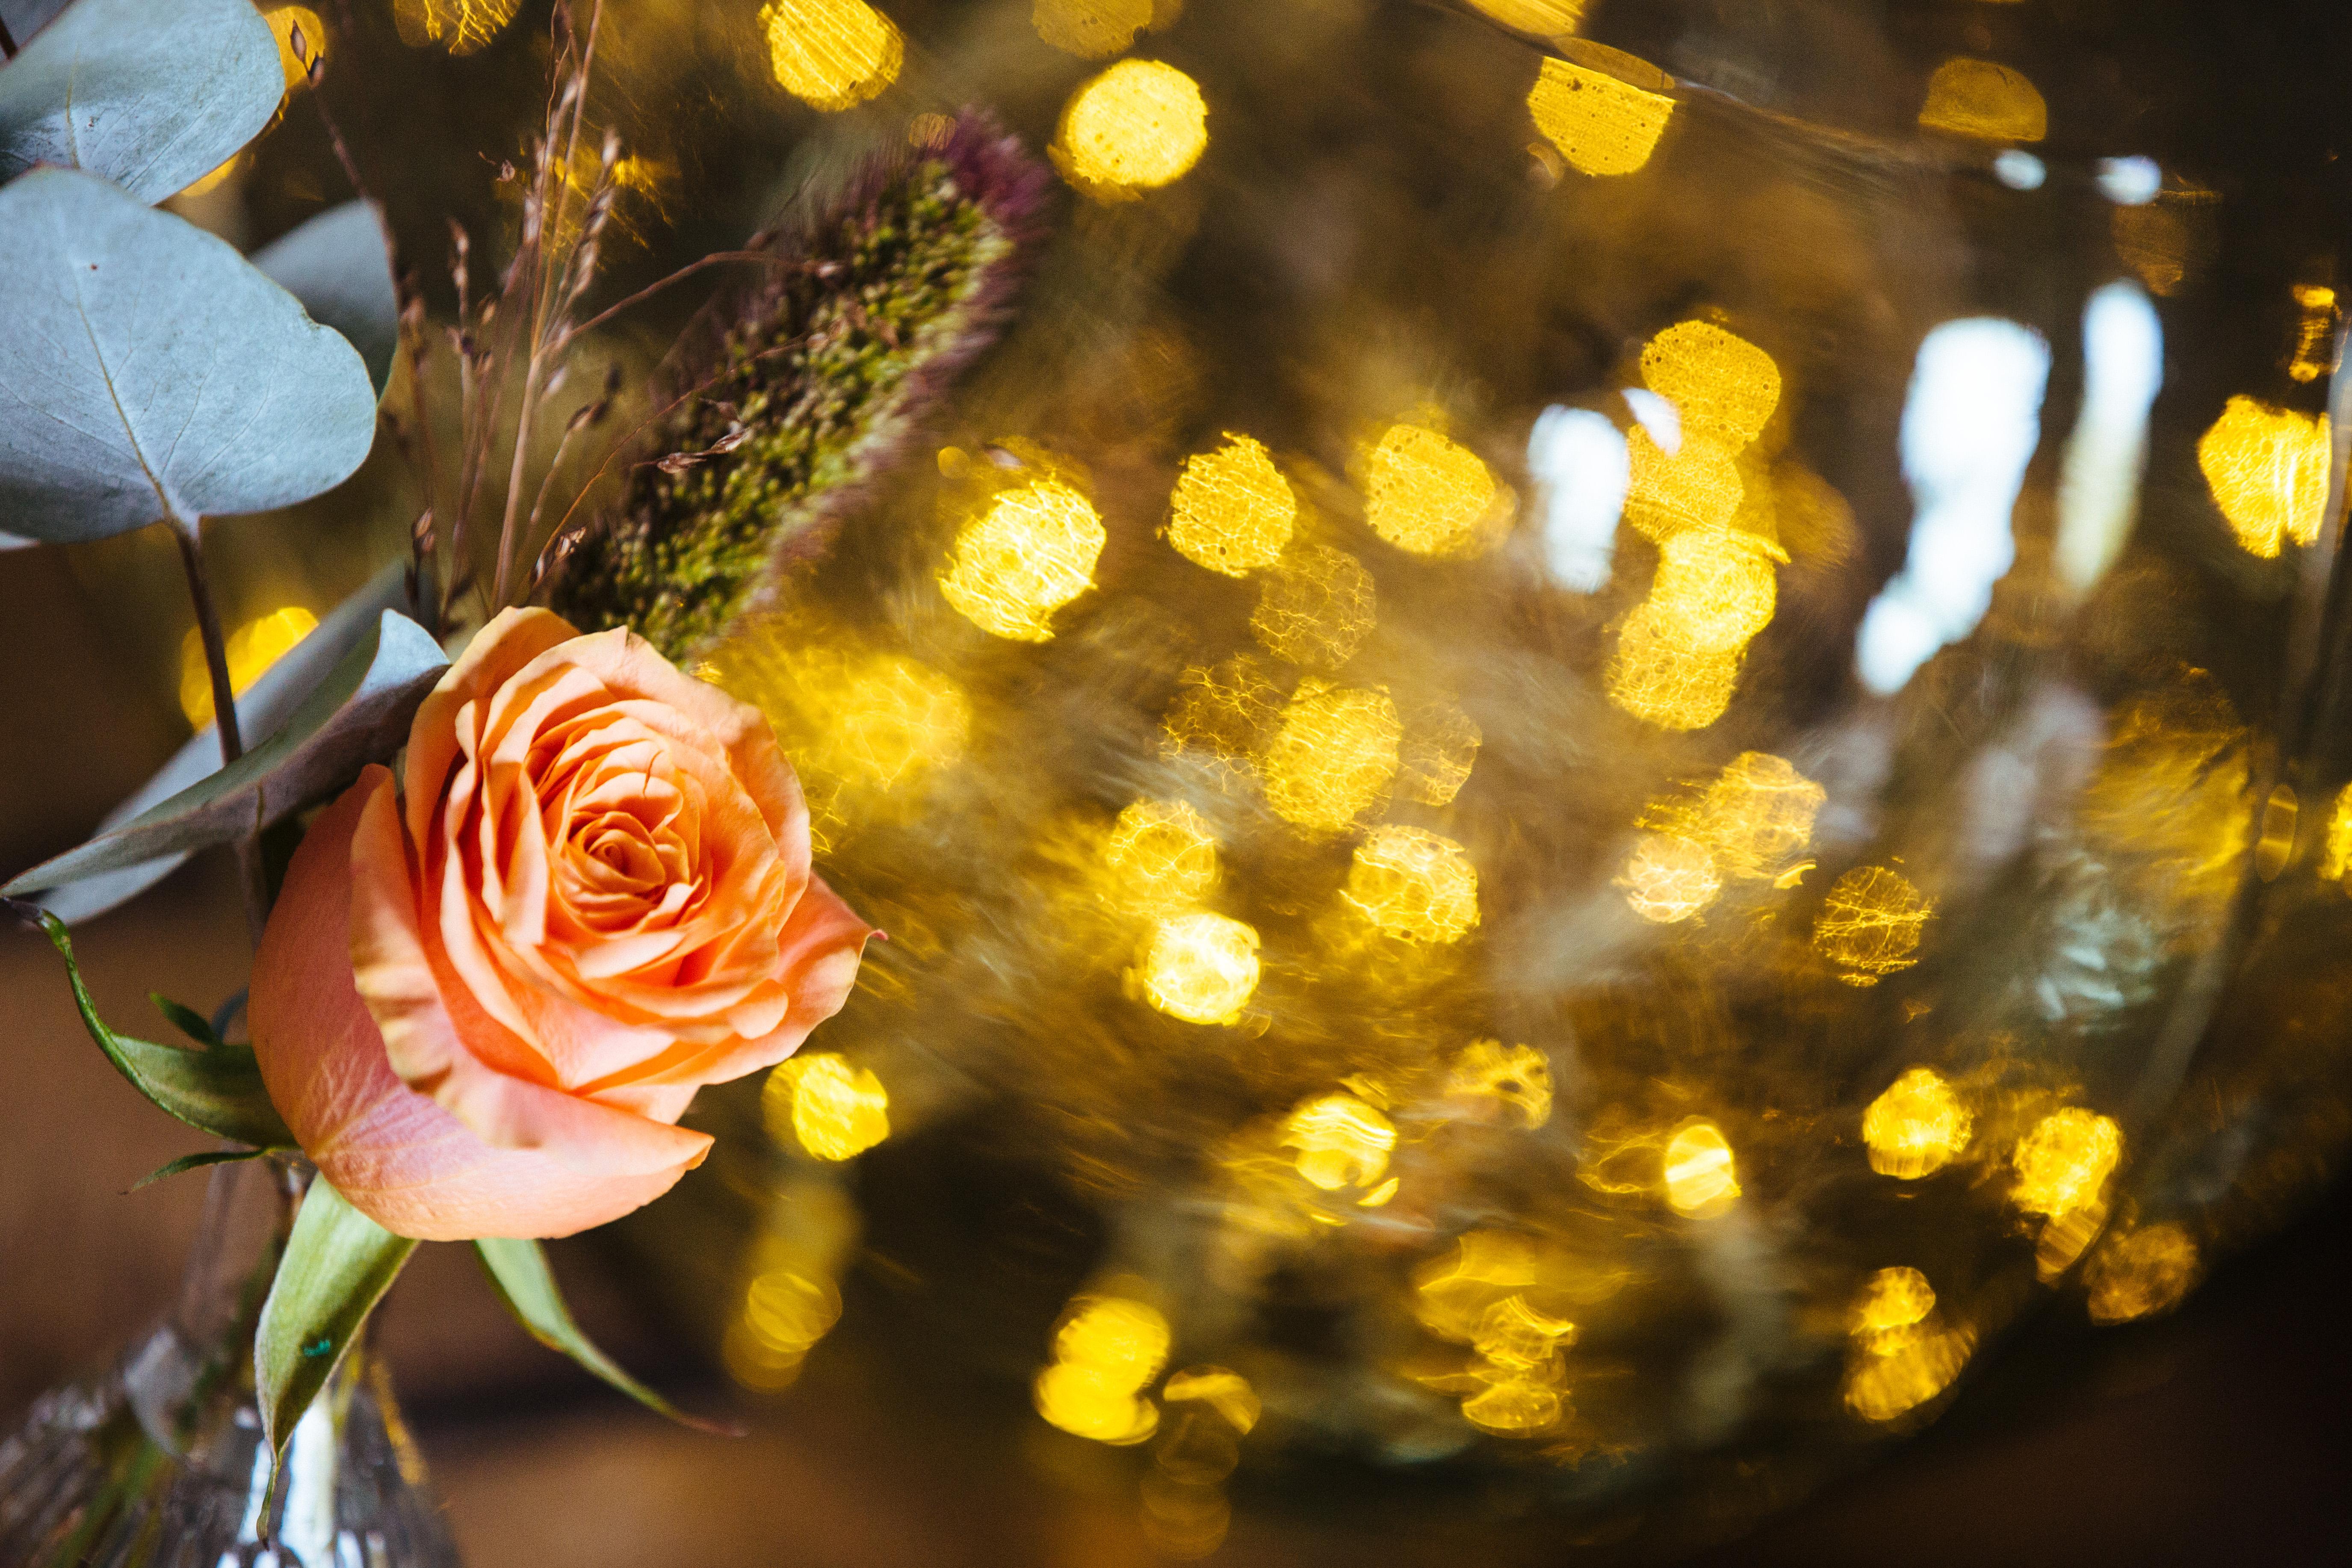 décoration de mariage orange - plan de table - dame jeanne lumineuse - rose orange - eucalyptus